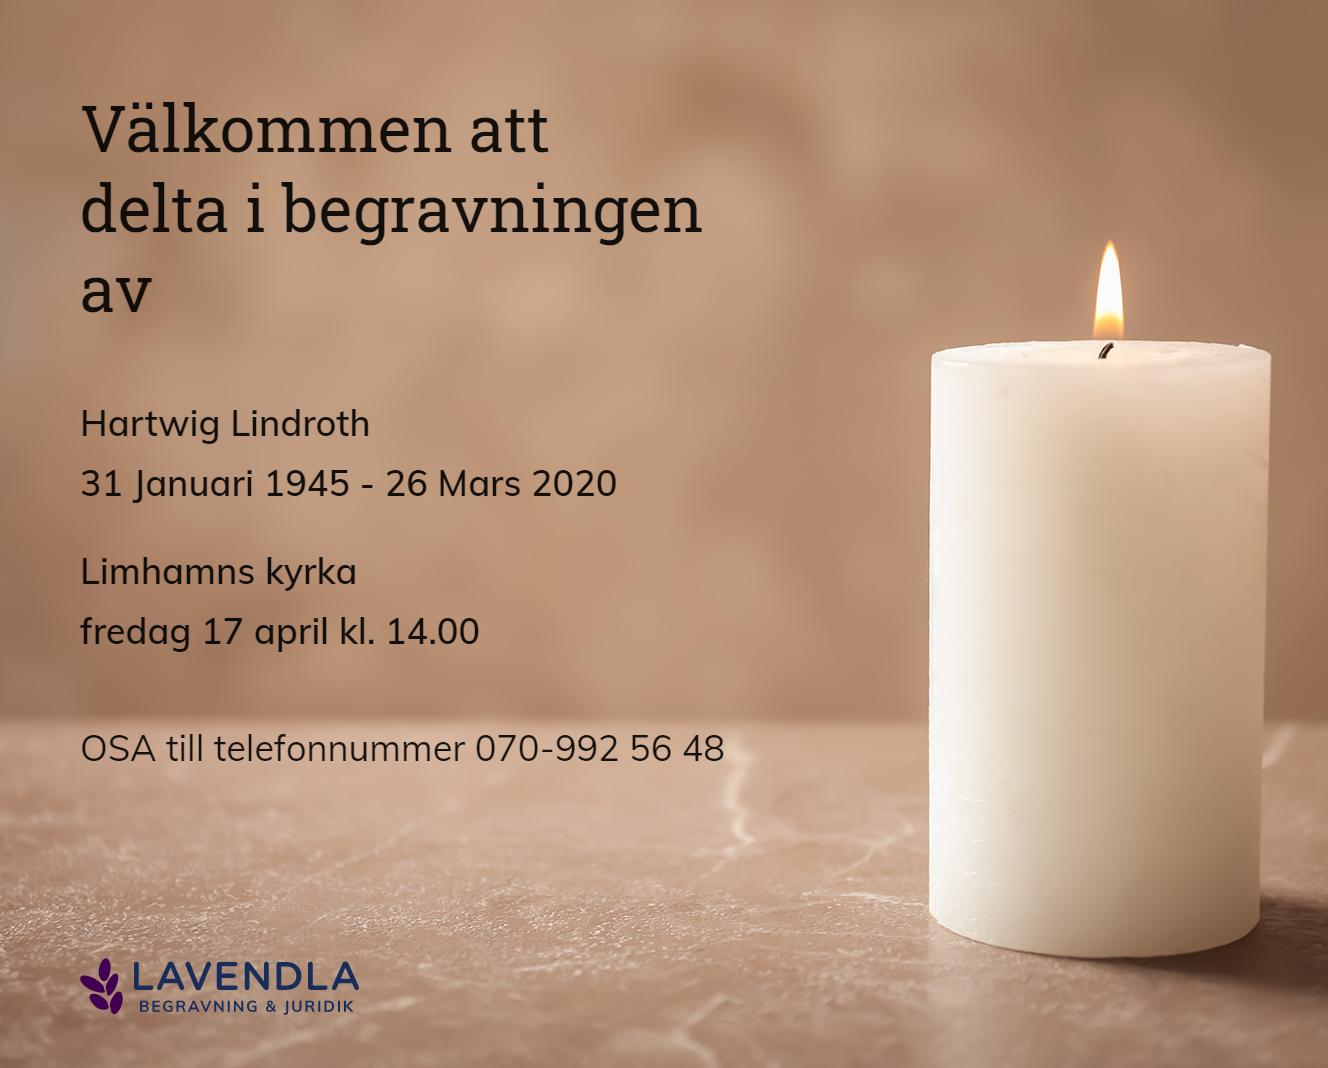 Inbjudningskort till ceremonin för Hartwig Lindroth